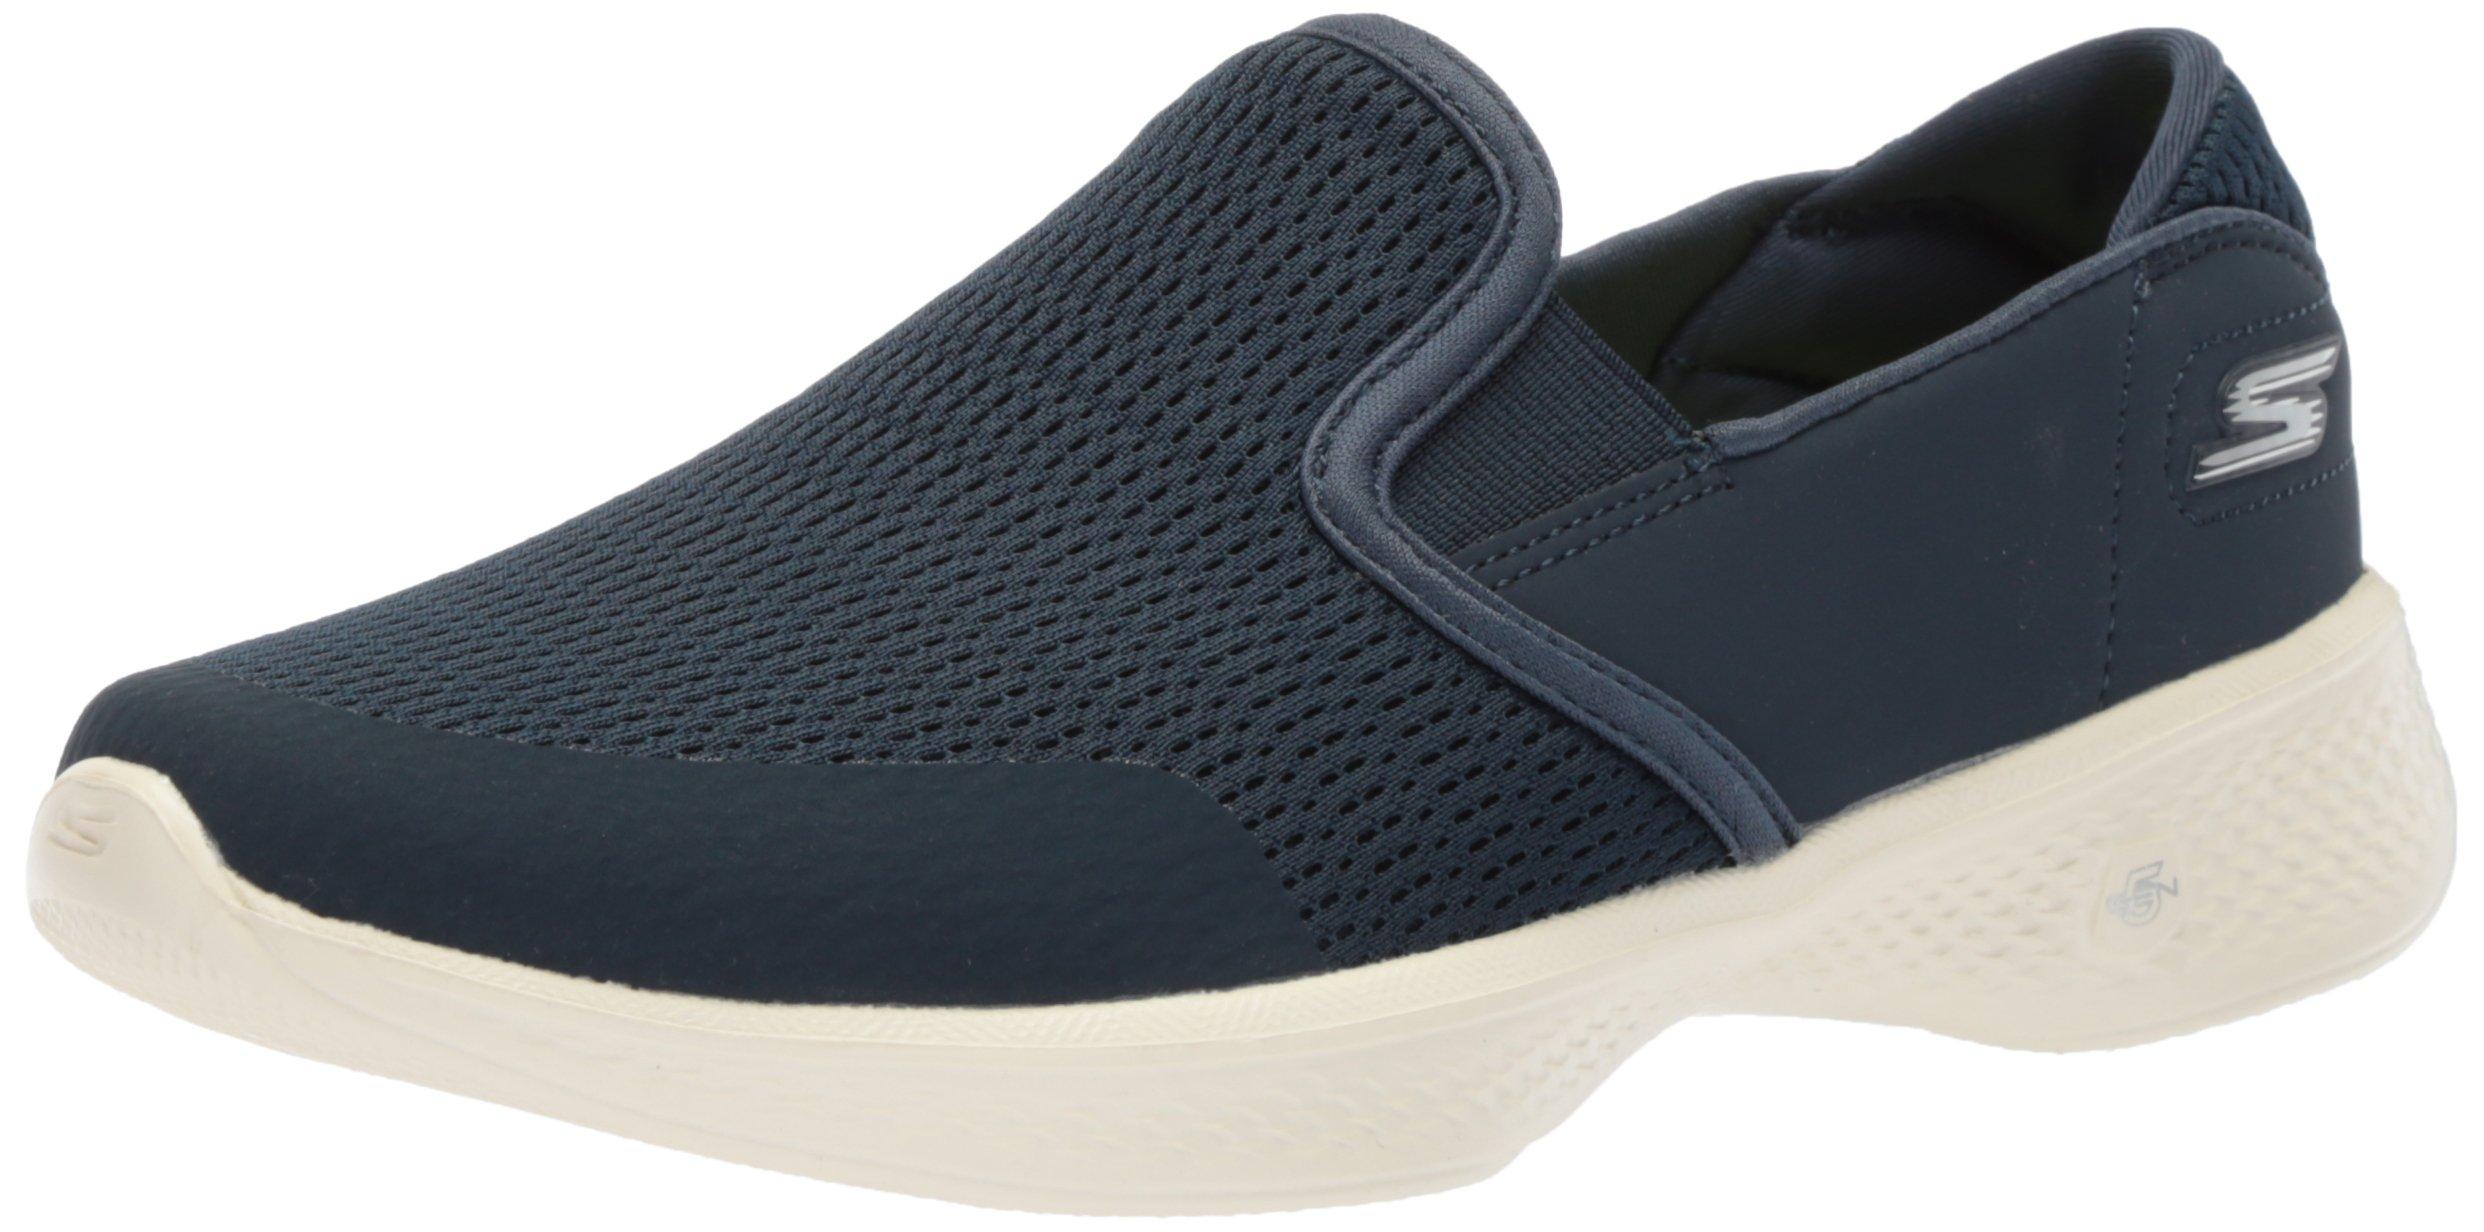 Schuhe Parent Sneaker Skechers Damen Go Walk 4 Attraction 5jV0v